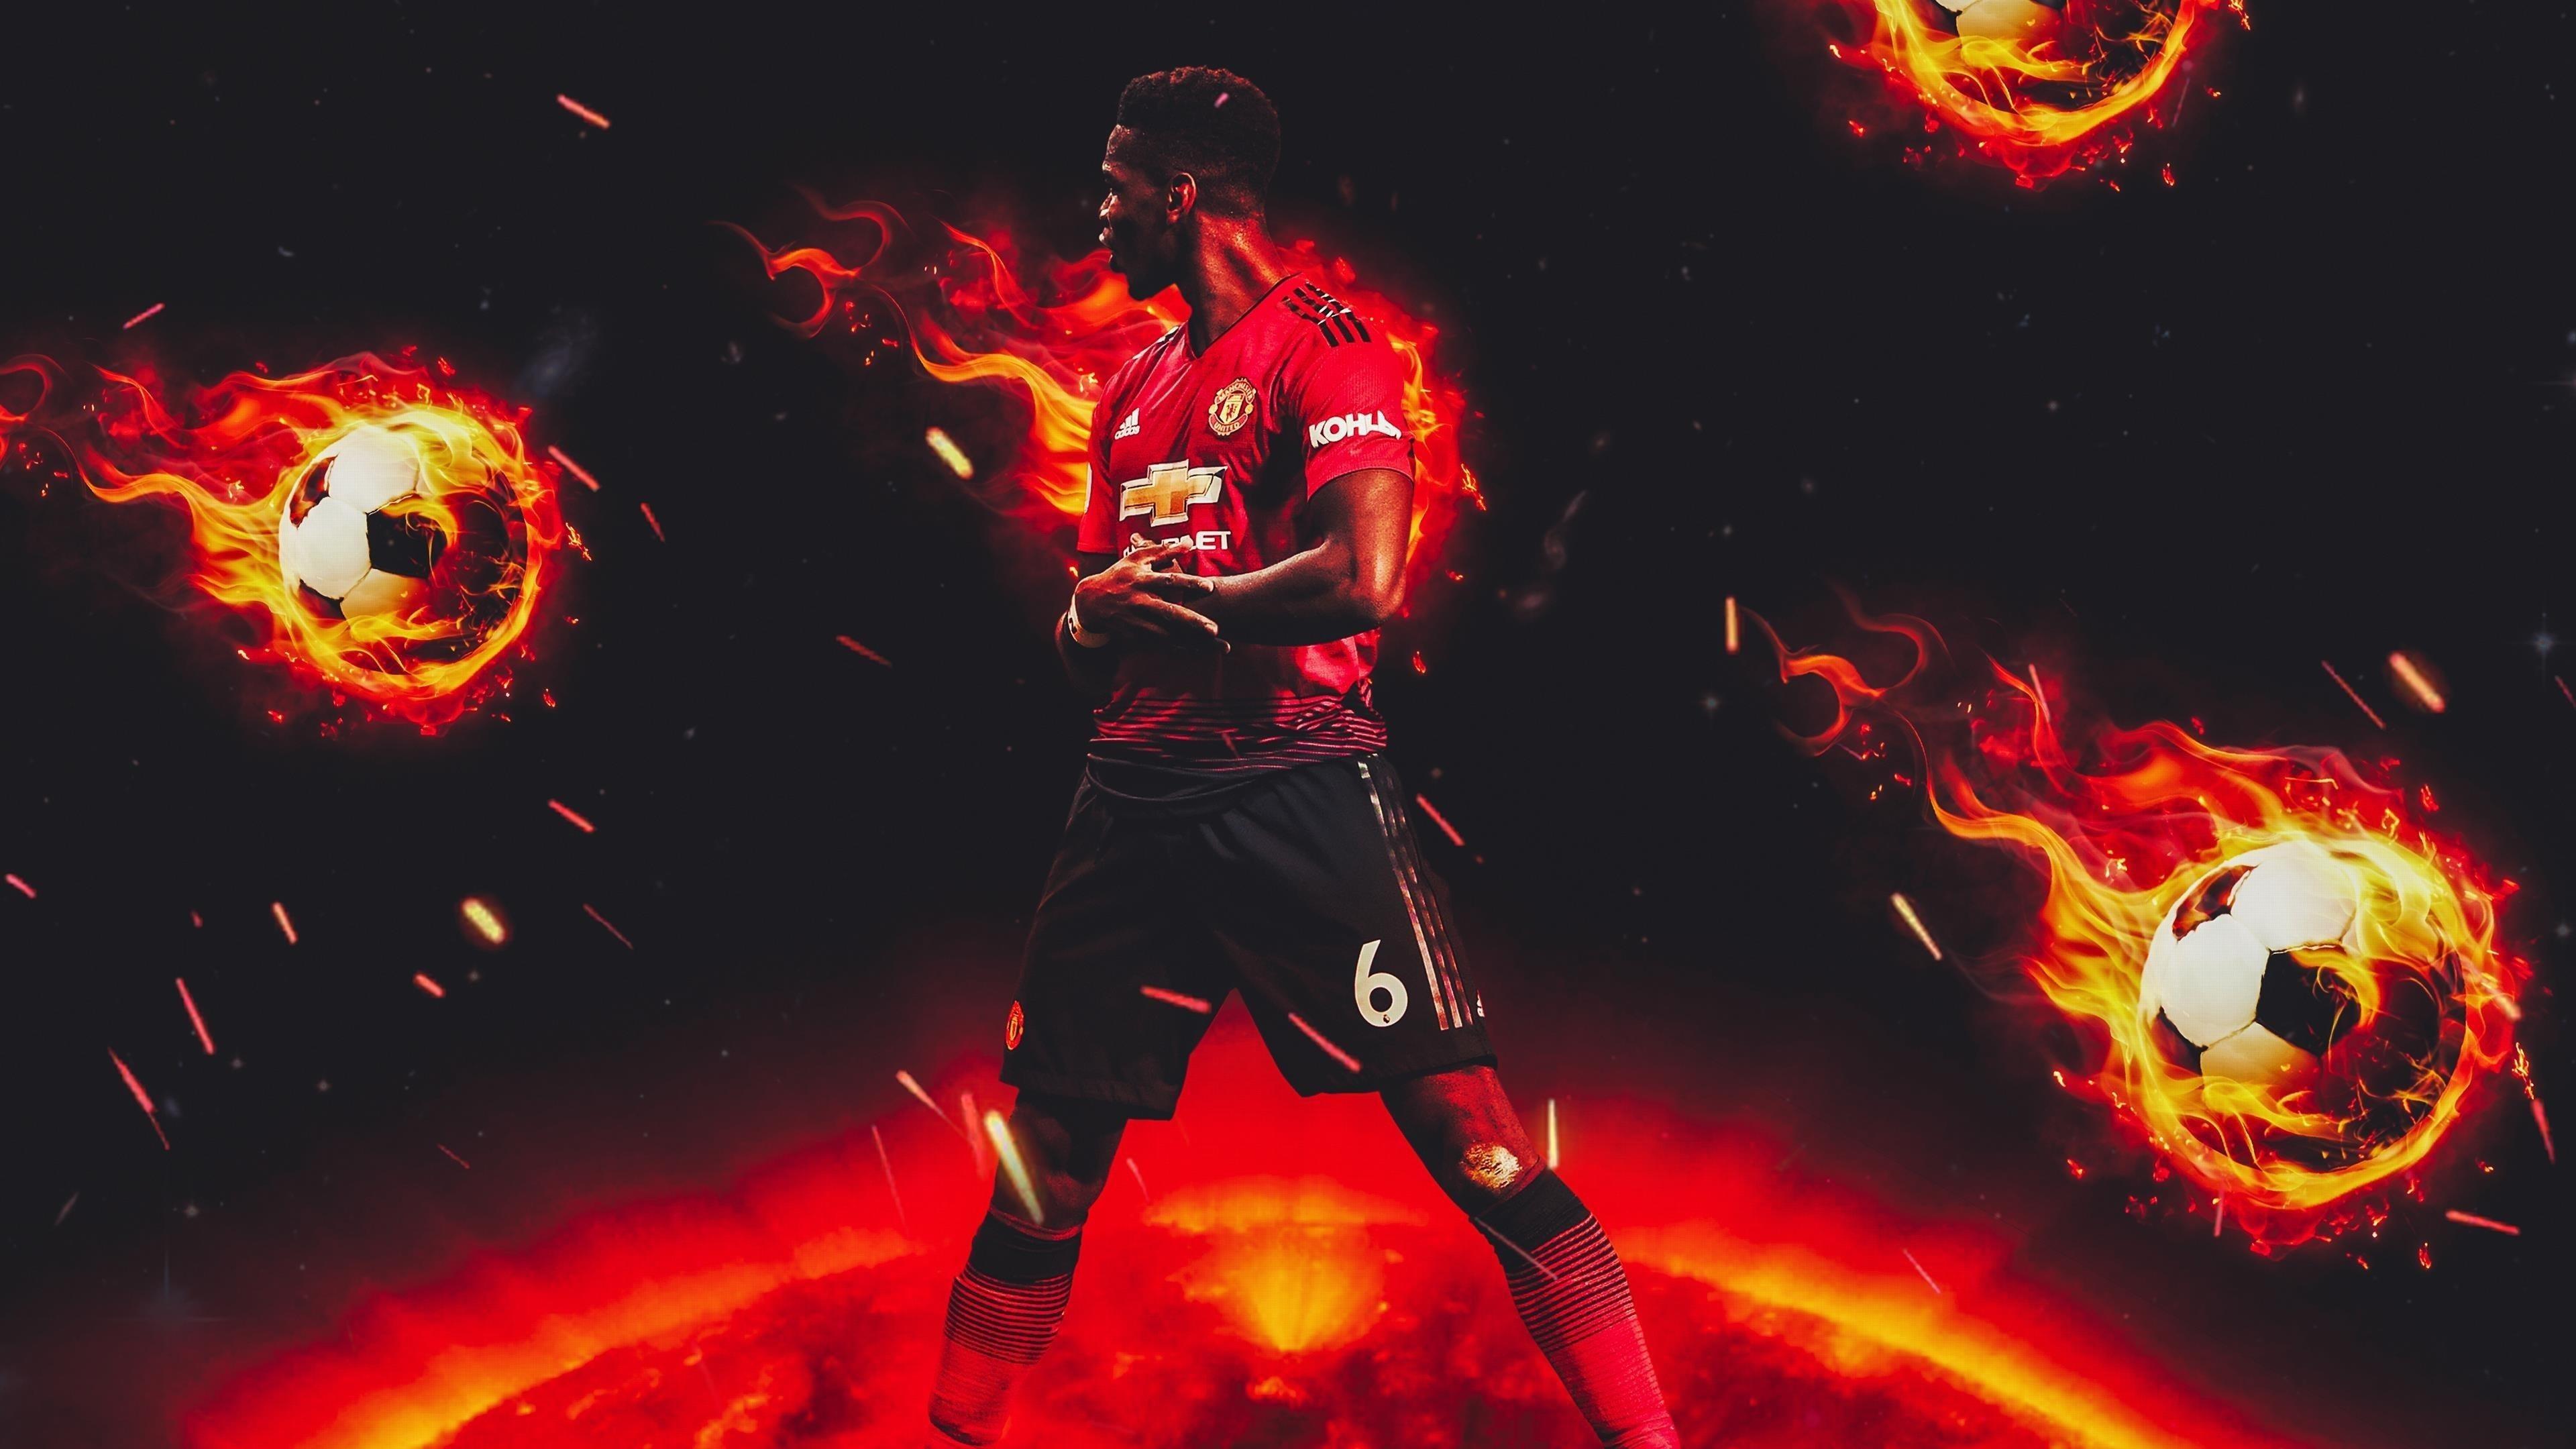 Поль Погба Манчестер Юнайтед французский футболист обои скачать